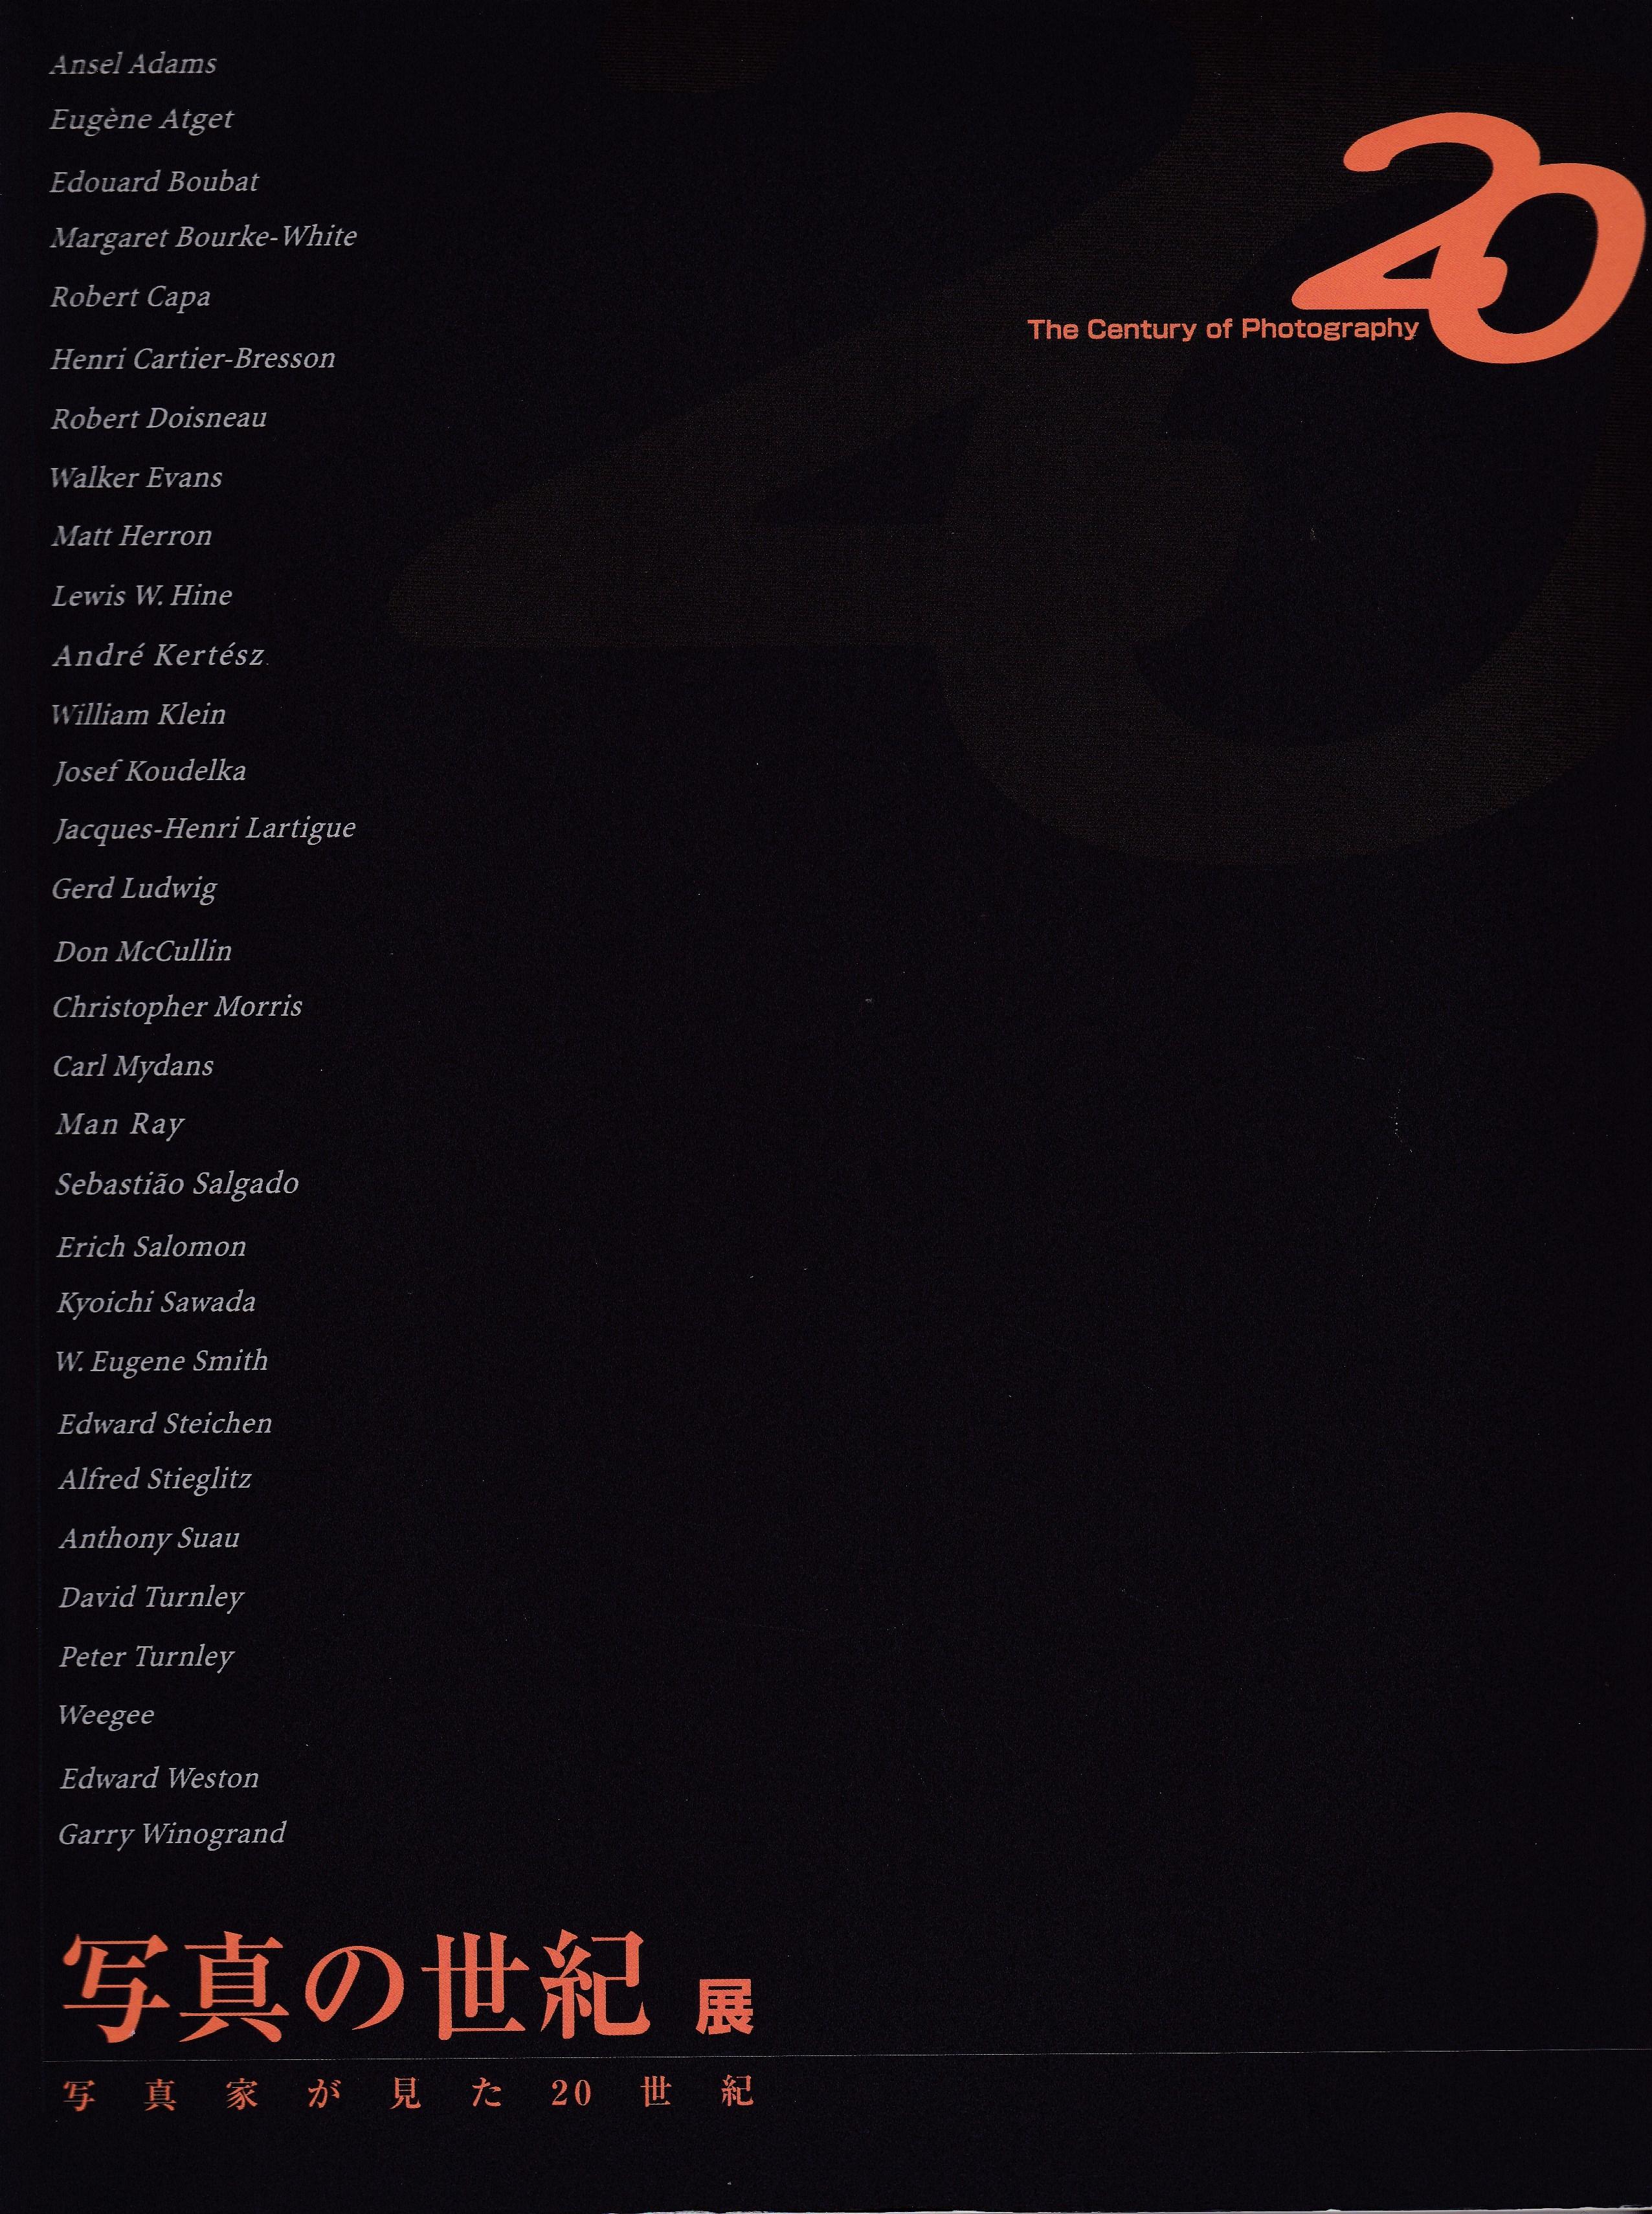 写真の世紀展 写真家が見た20世紀 PPS通信社 2000年